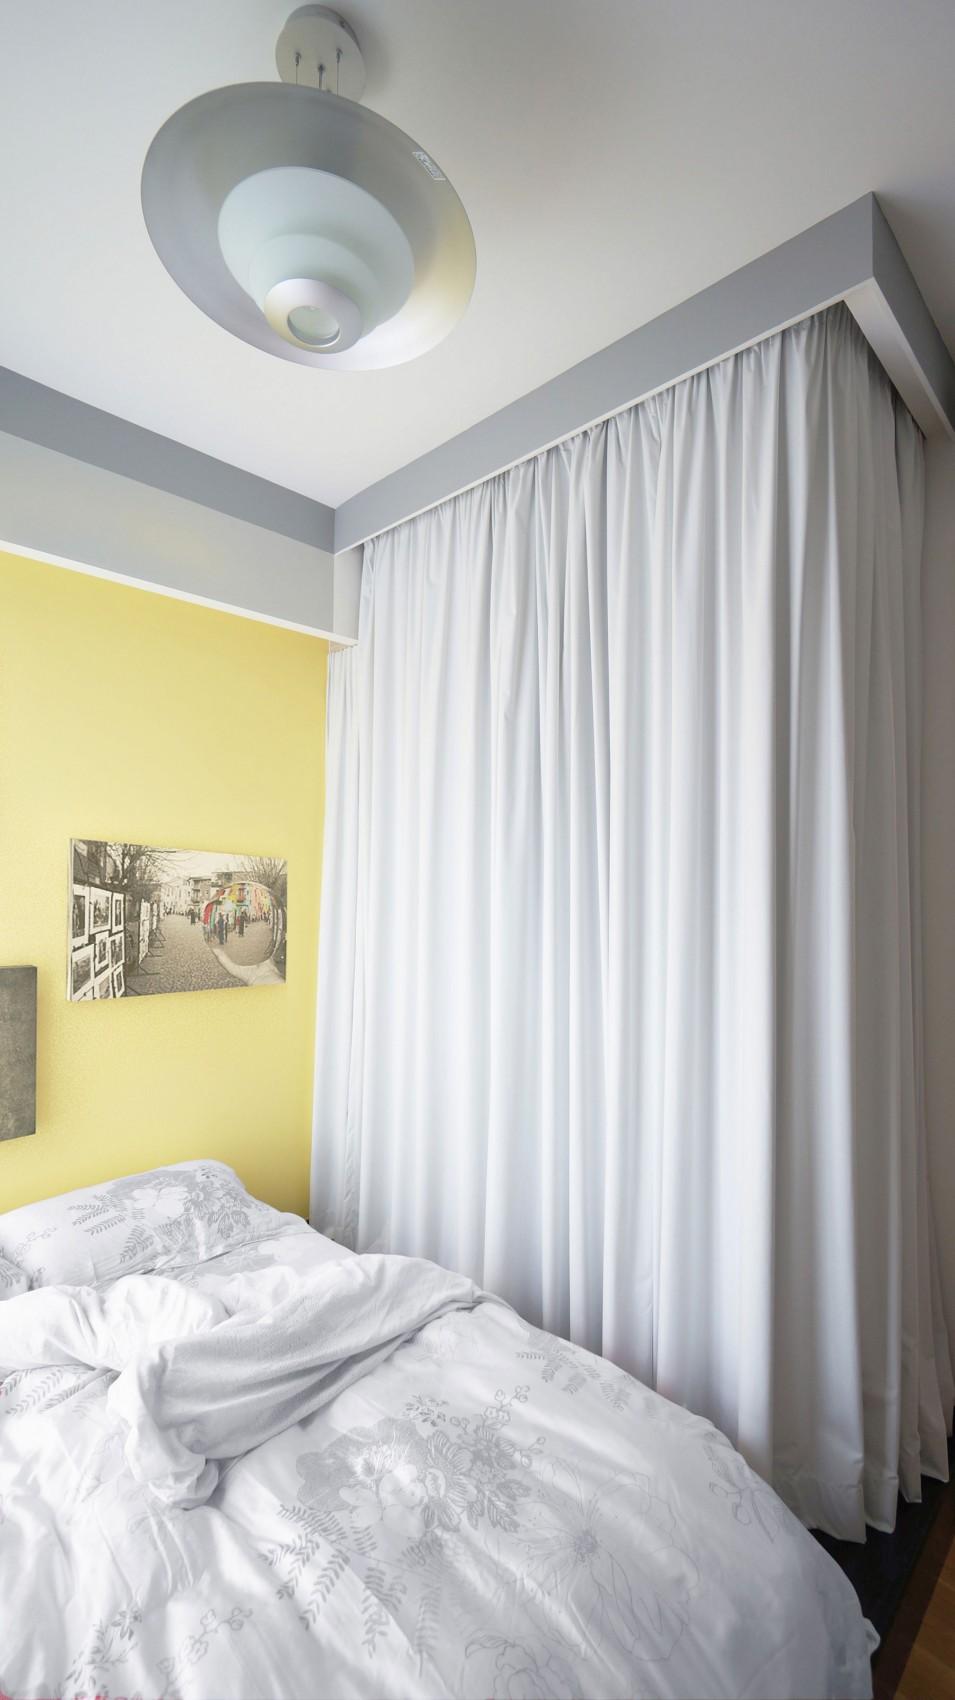 纯白优雅简约家居卧室窗帘装饰效果图